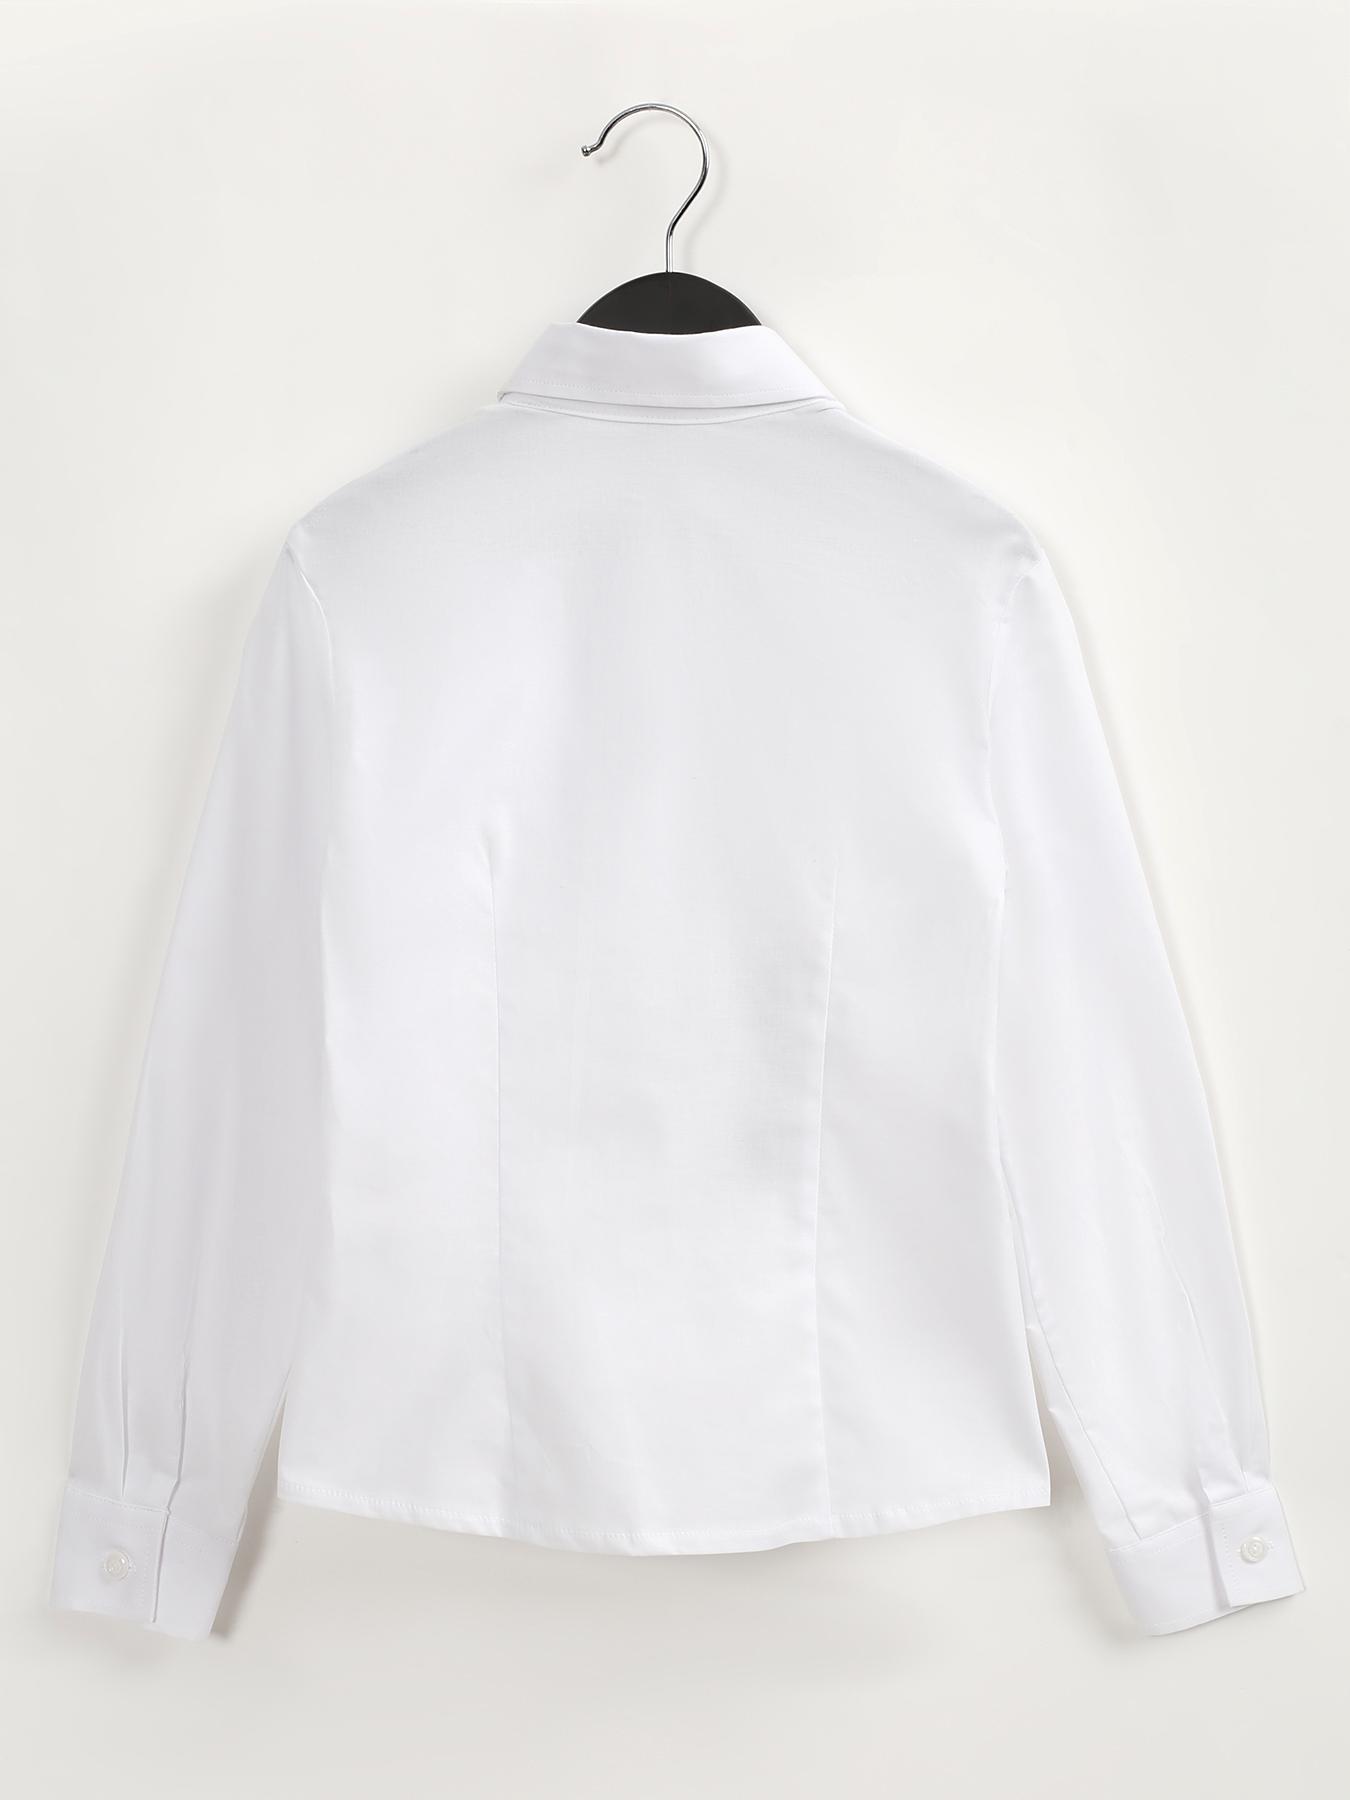 Alessandro Manzoni Kids Однотонная рубашка